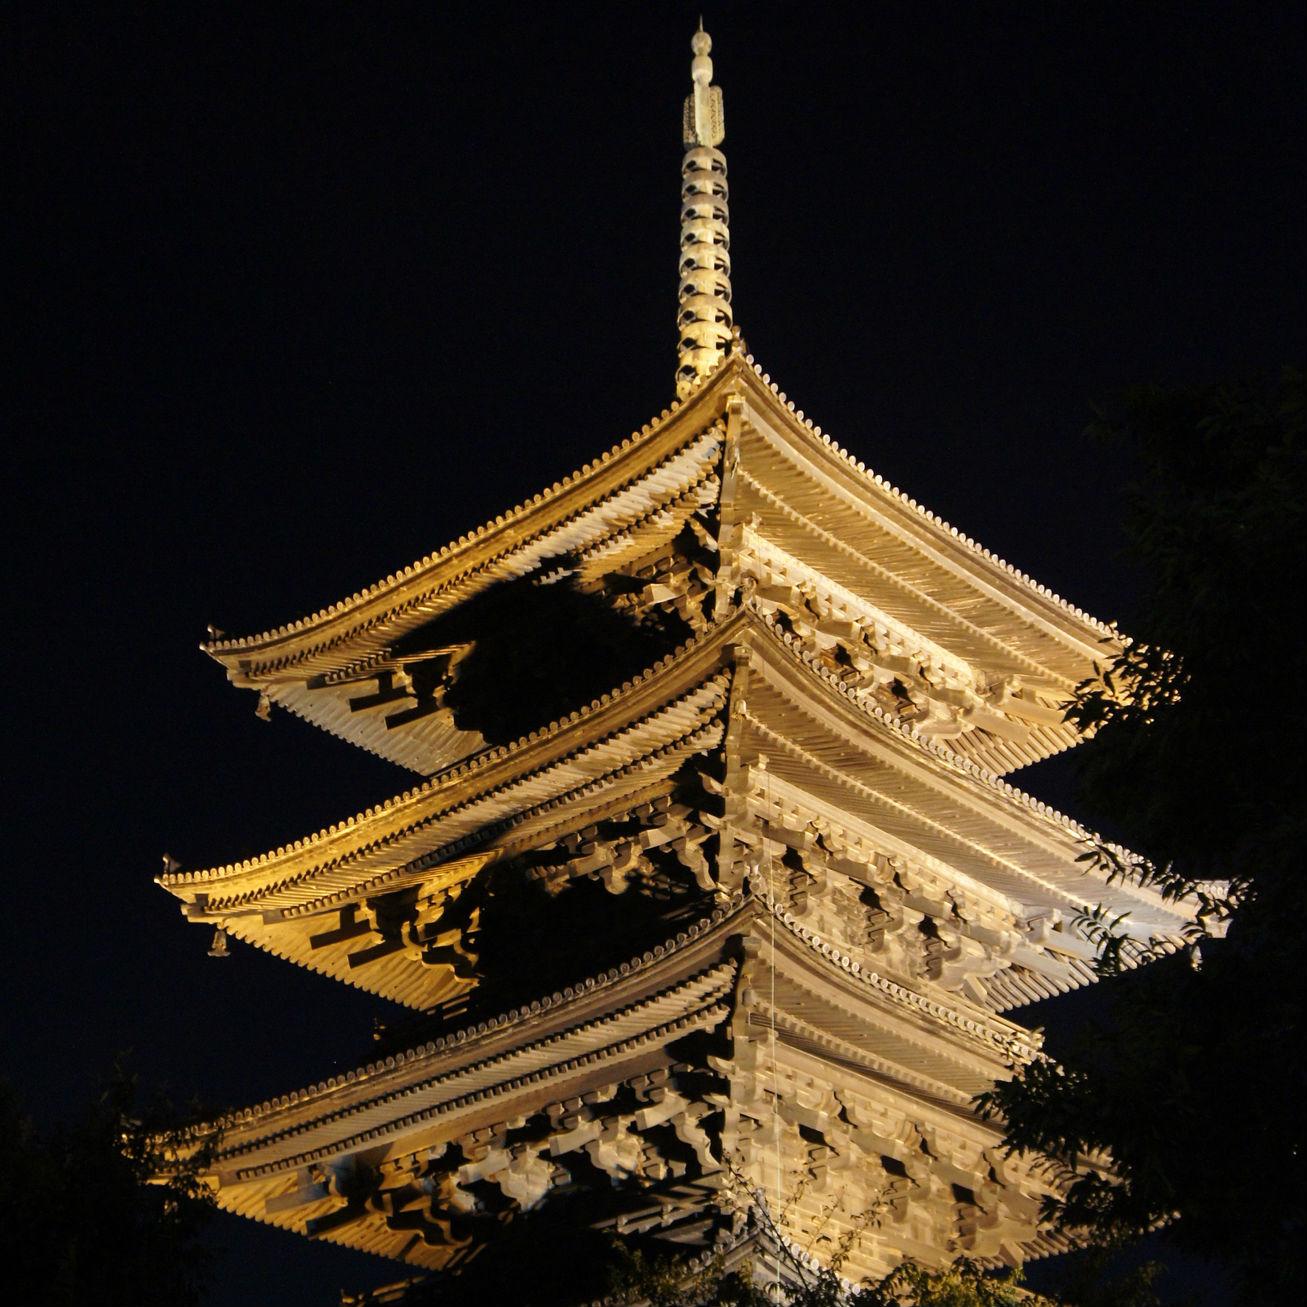 東寺五重塔の2倍以上!? 日本にはかつて、高さ100メートルを超える巨大仏塔があった